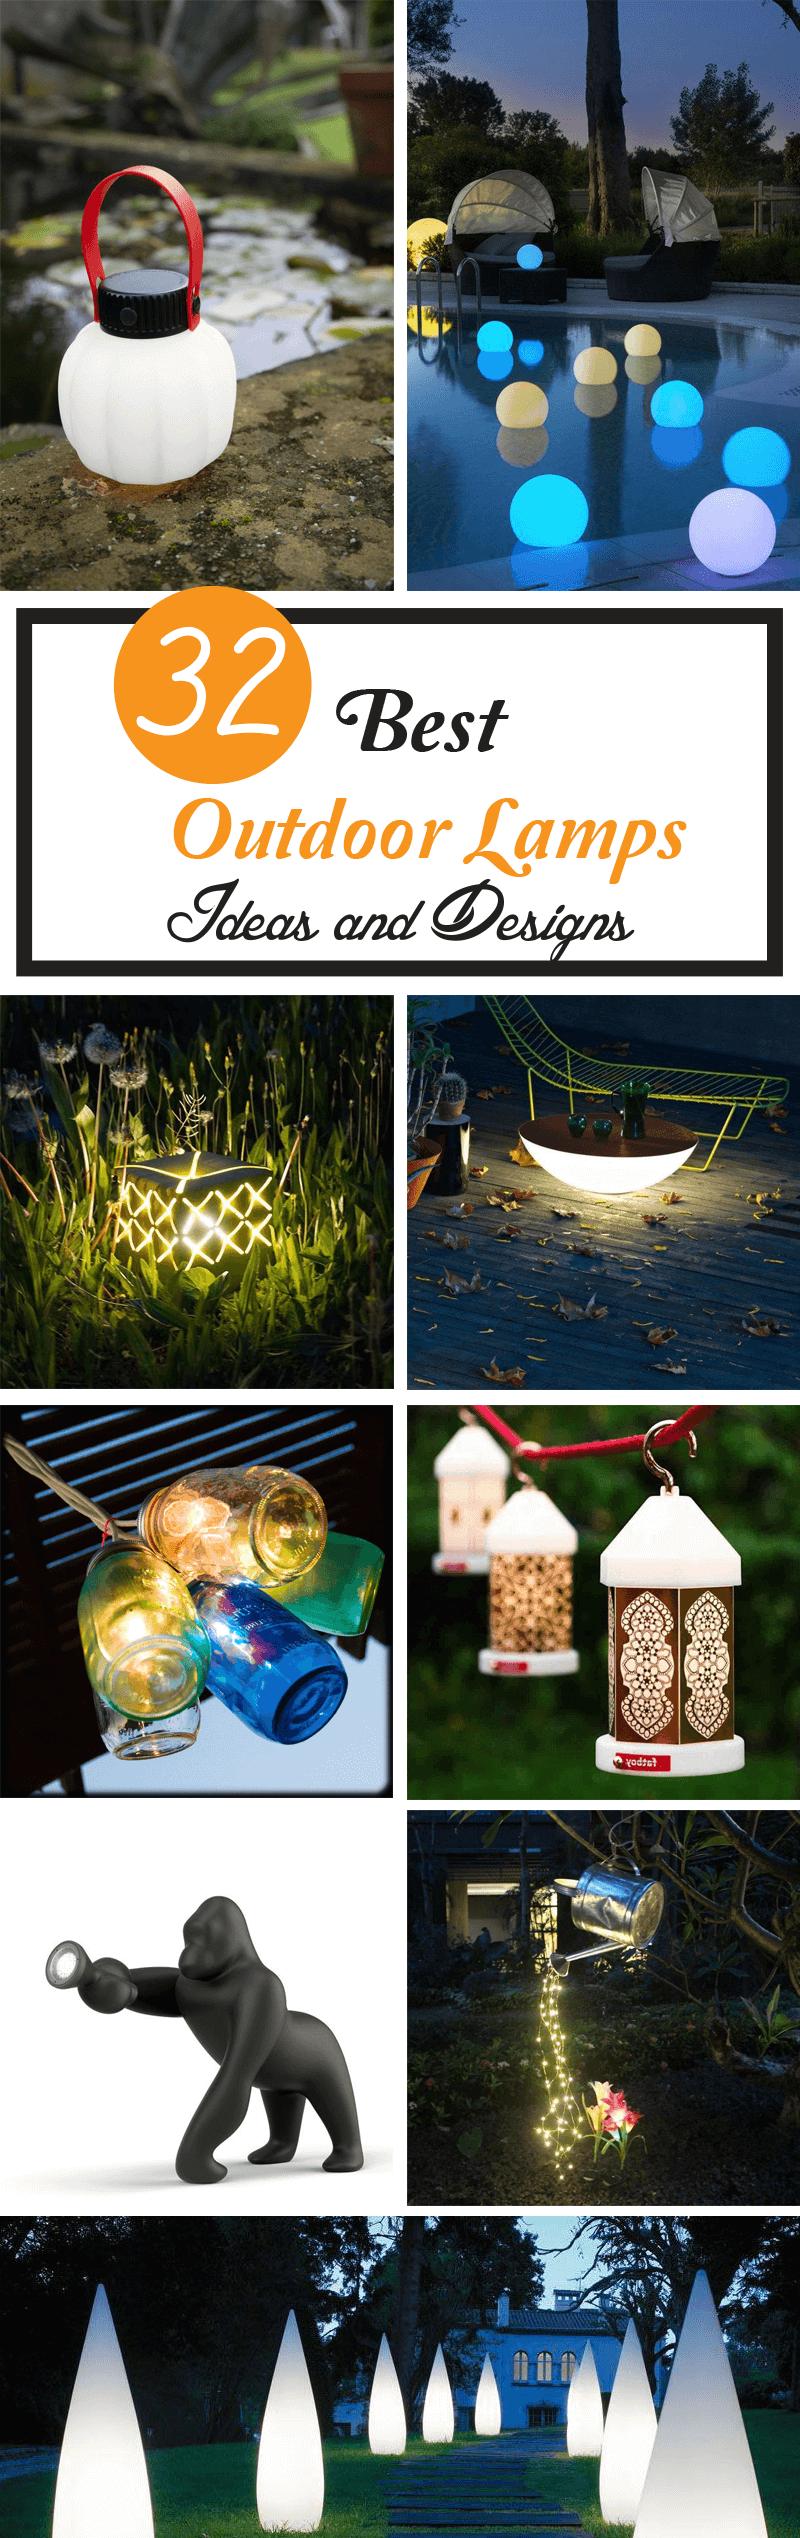 best outdoor lamps design ideas